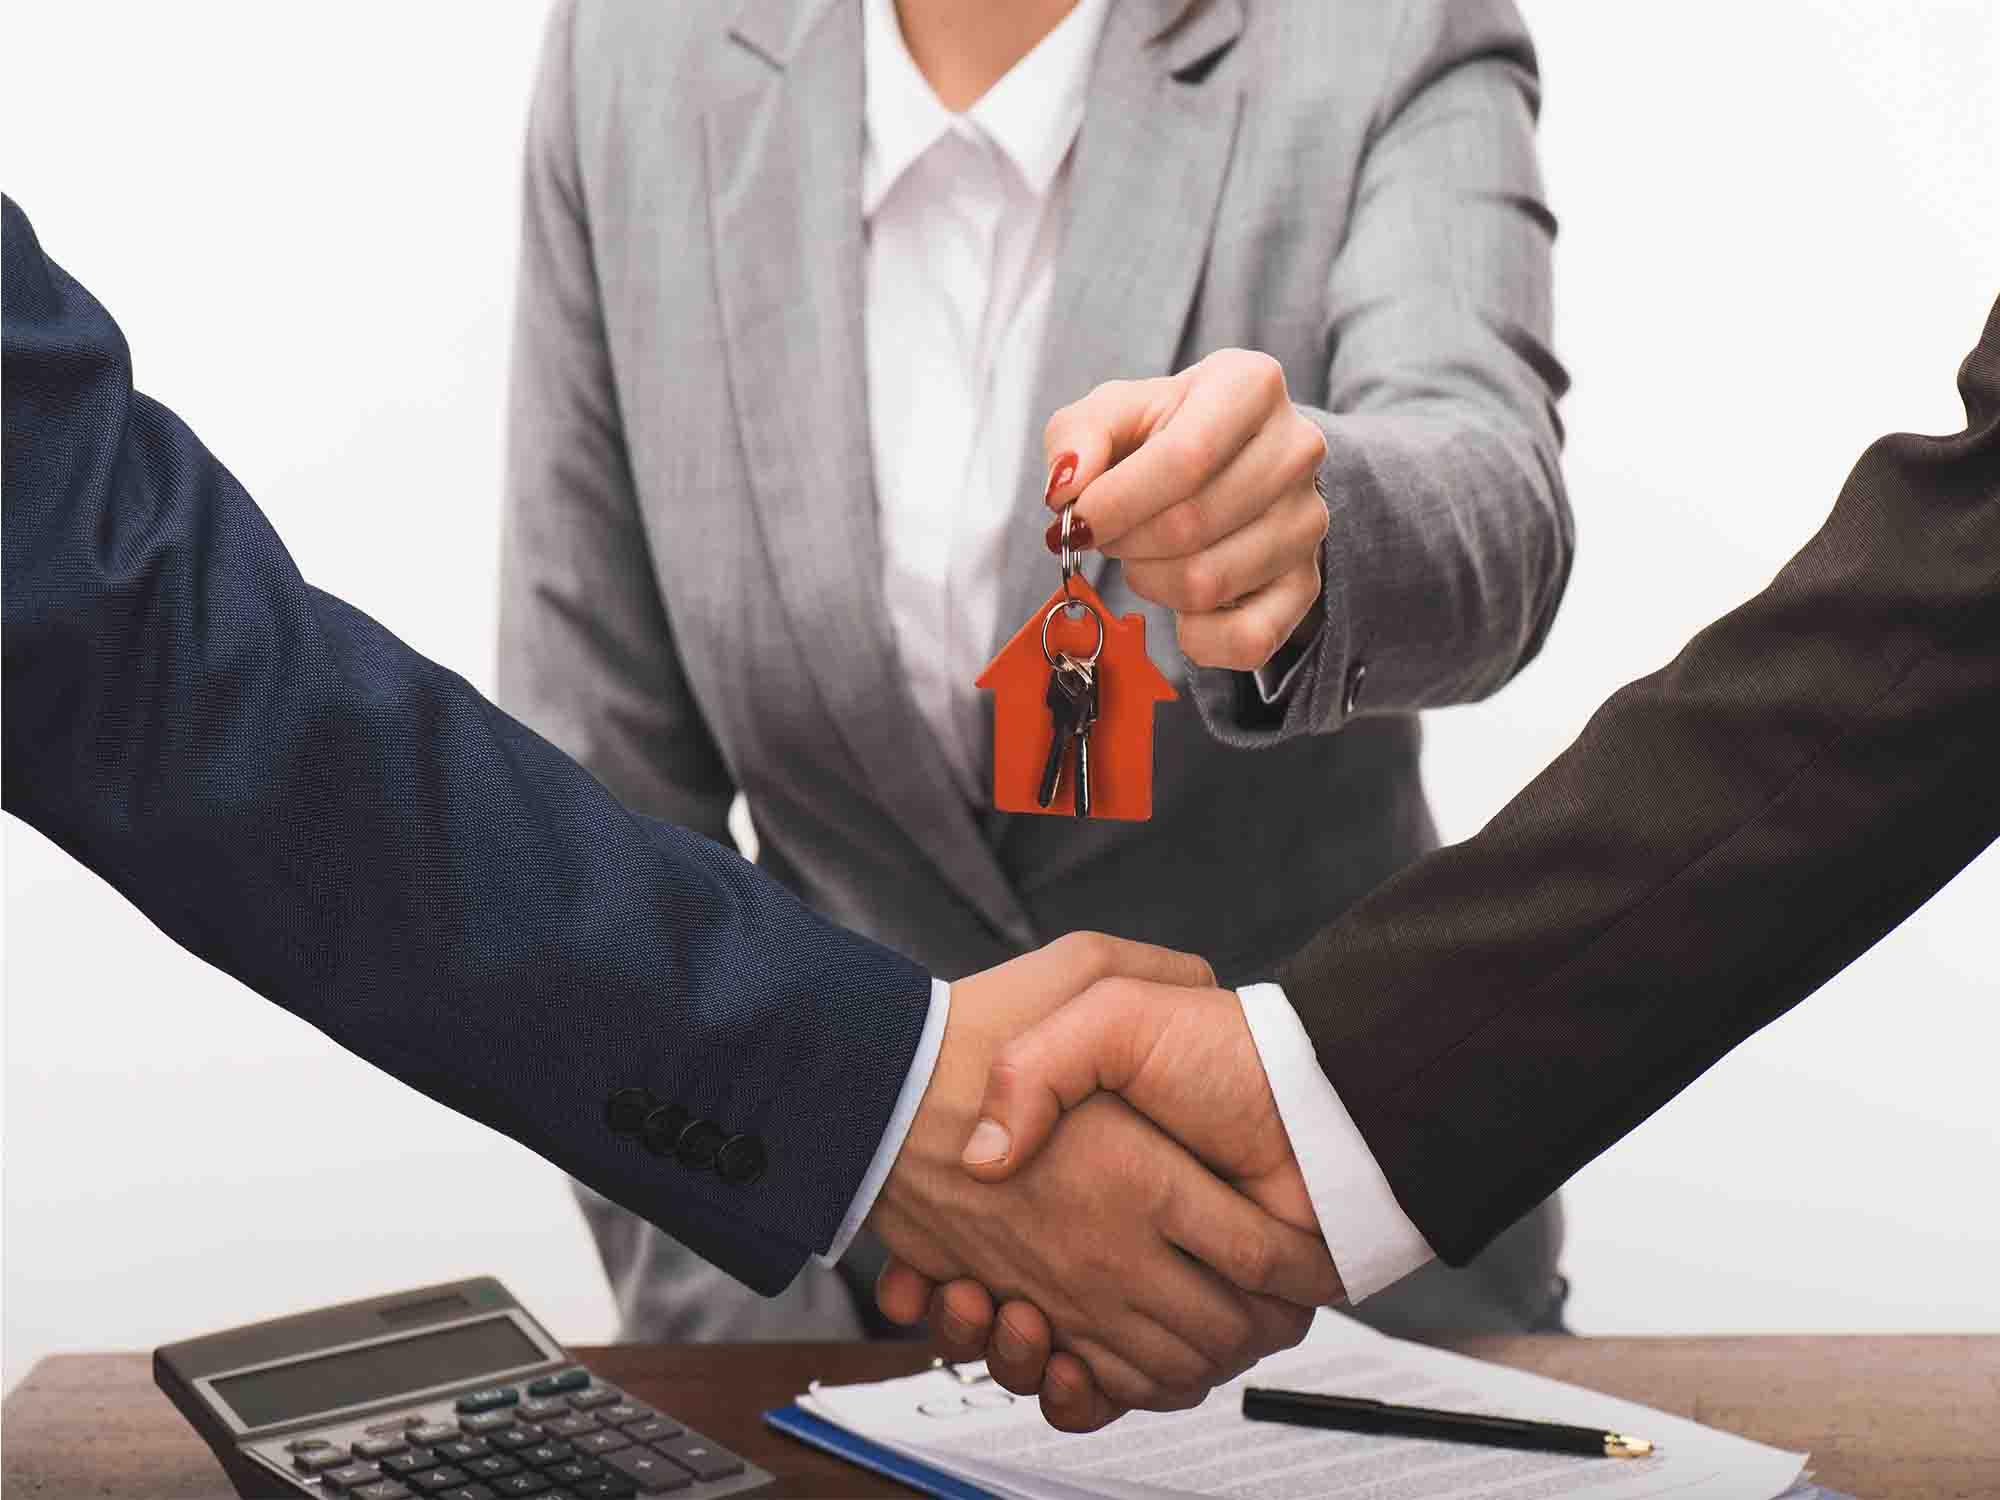 שני אנשים לוחצים ידיים ומקבלים מפתח ממישהו